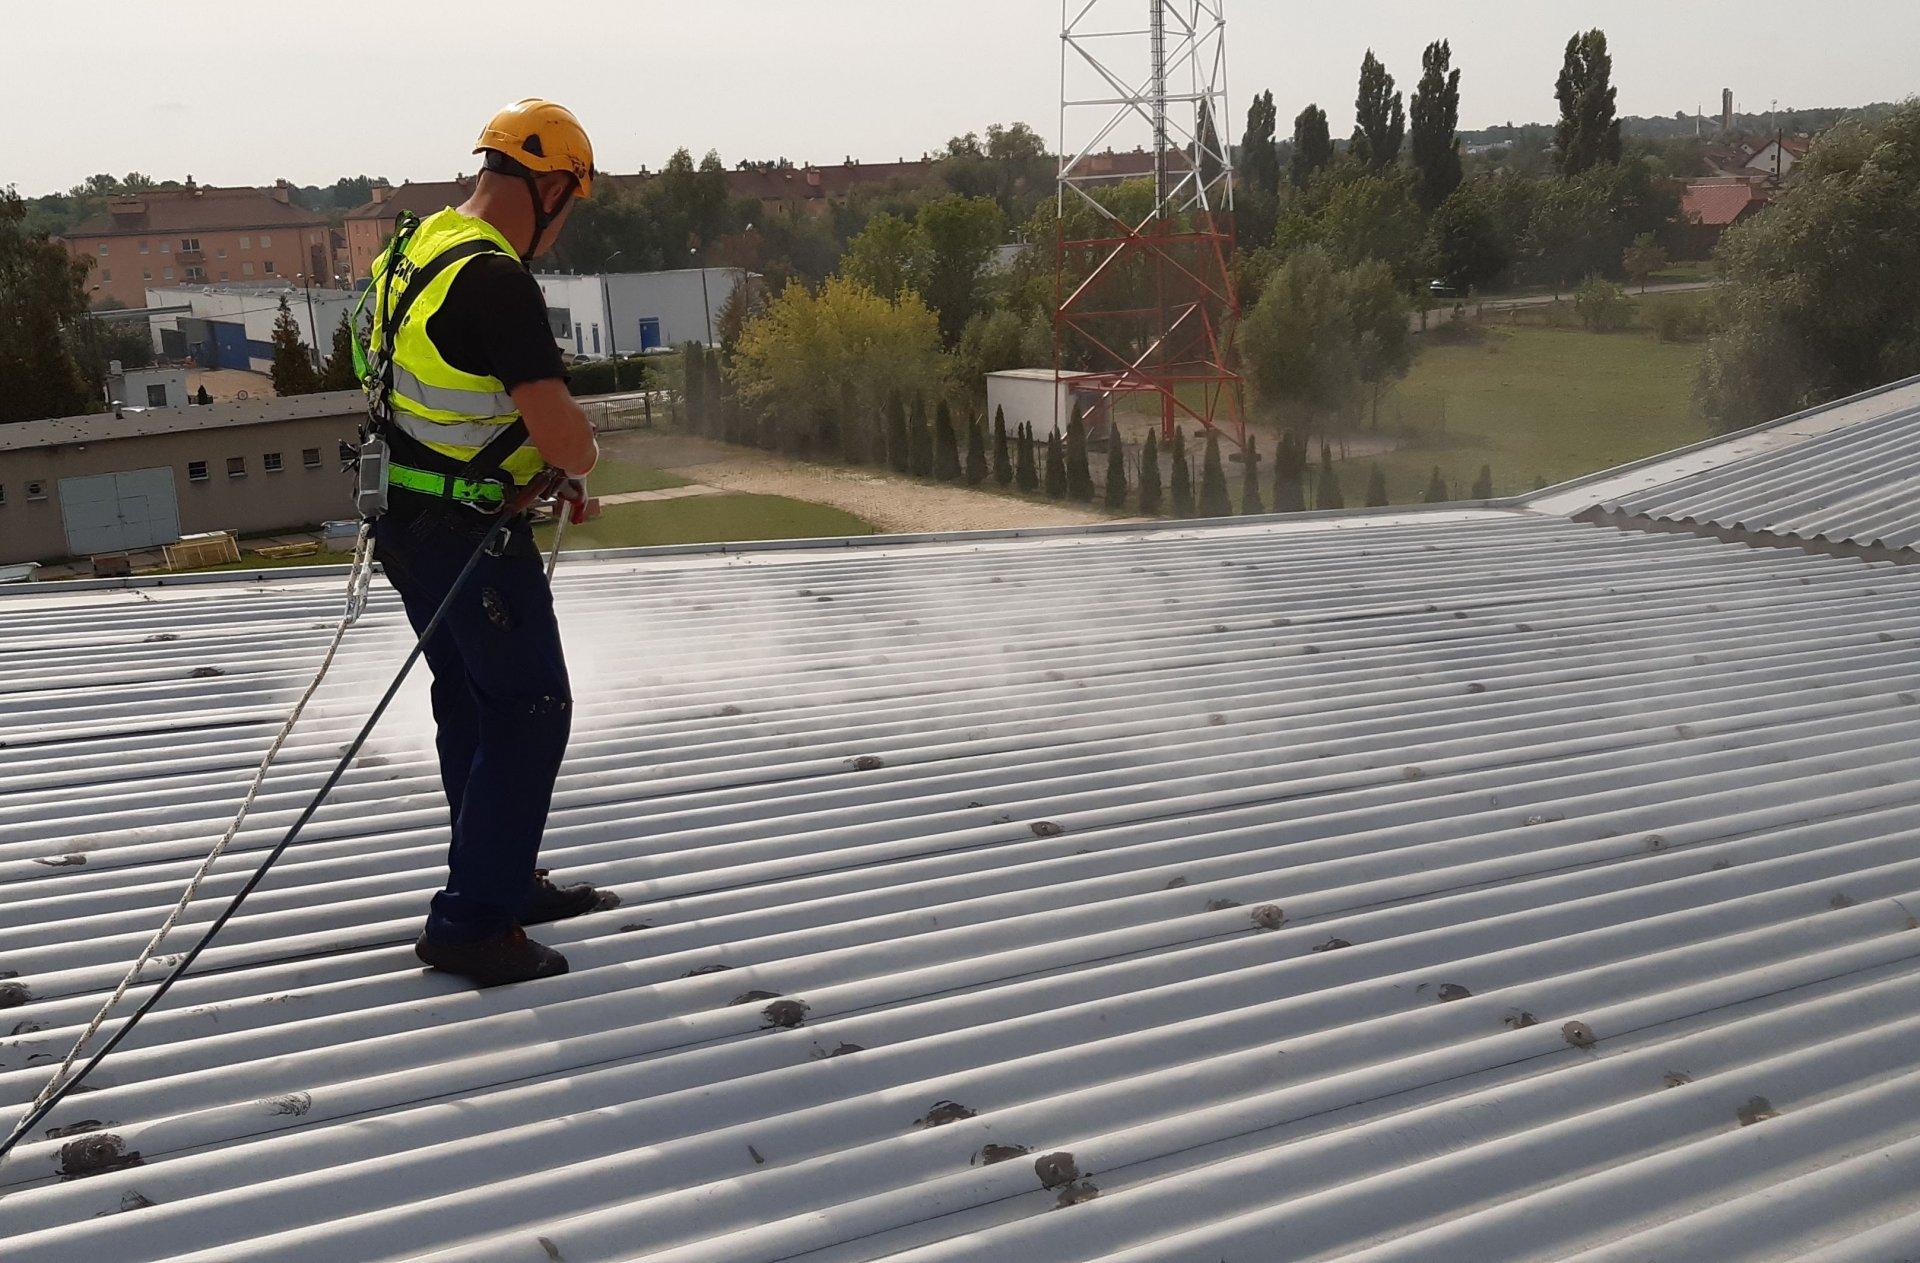 2. Mycie dachów przemysłowych